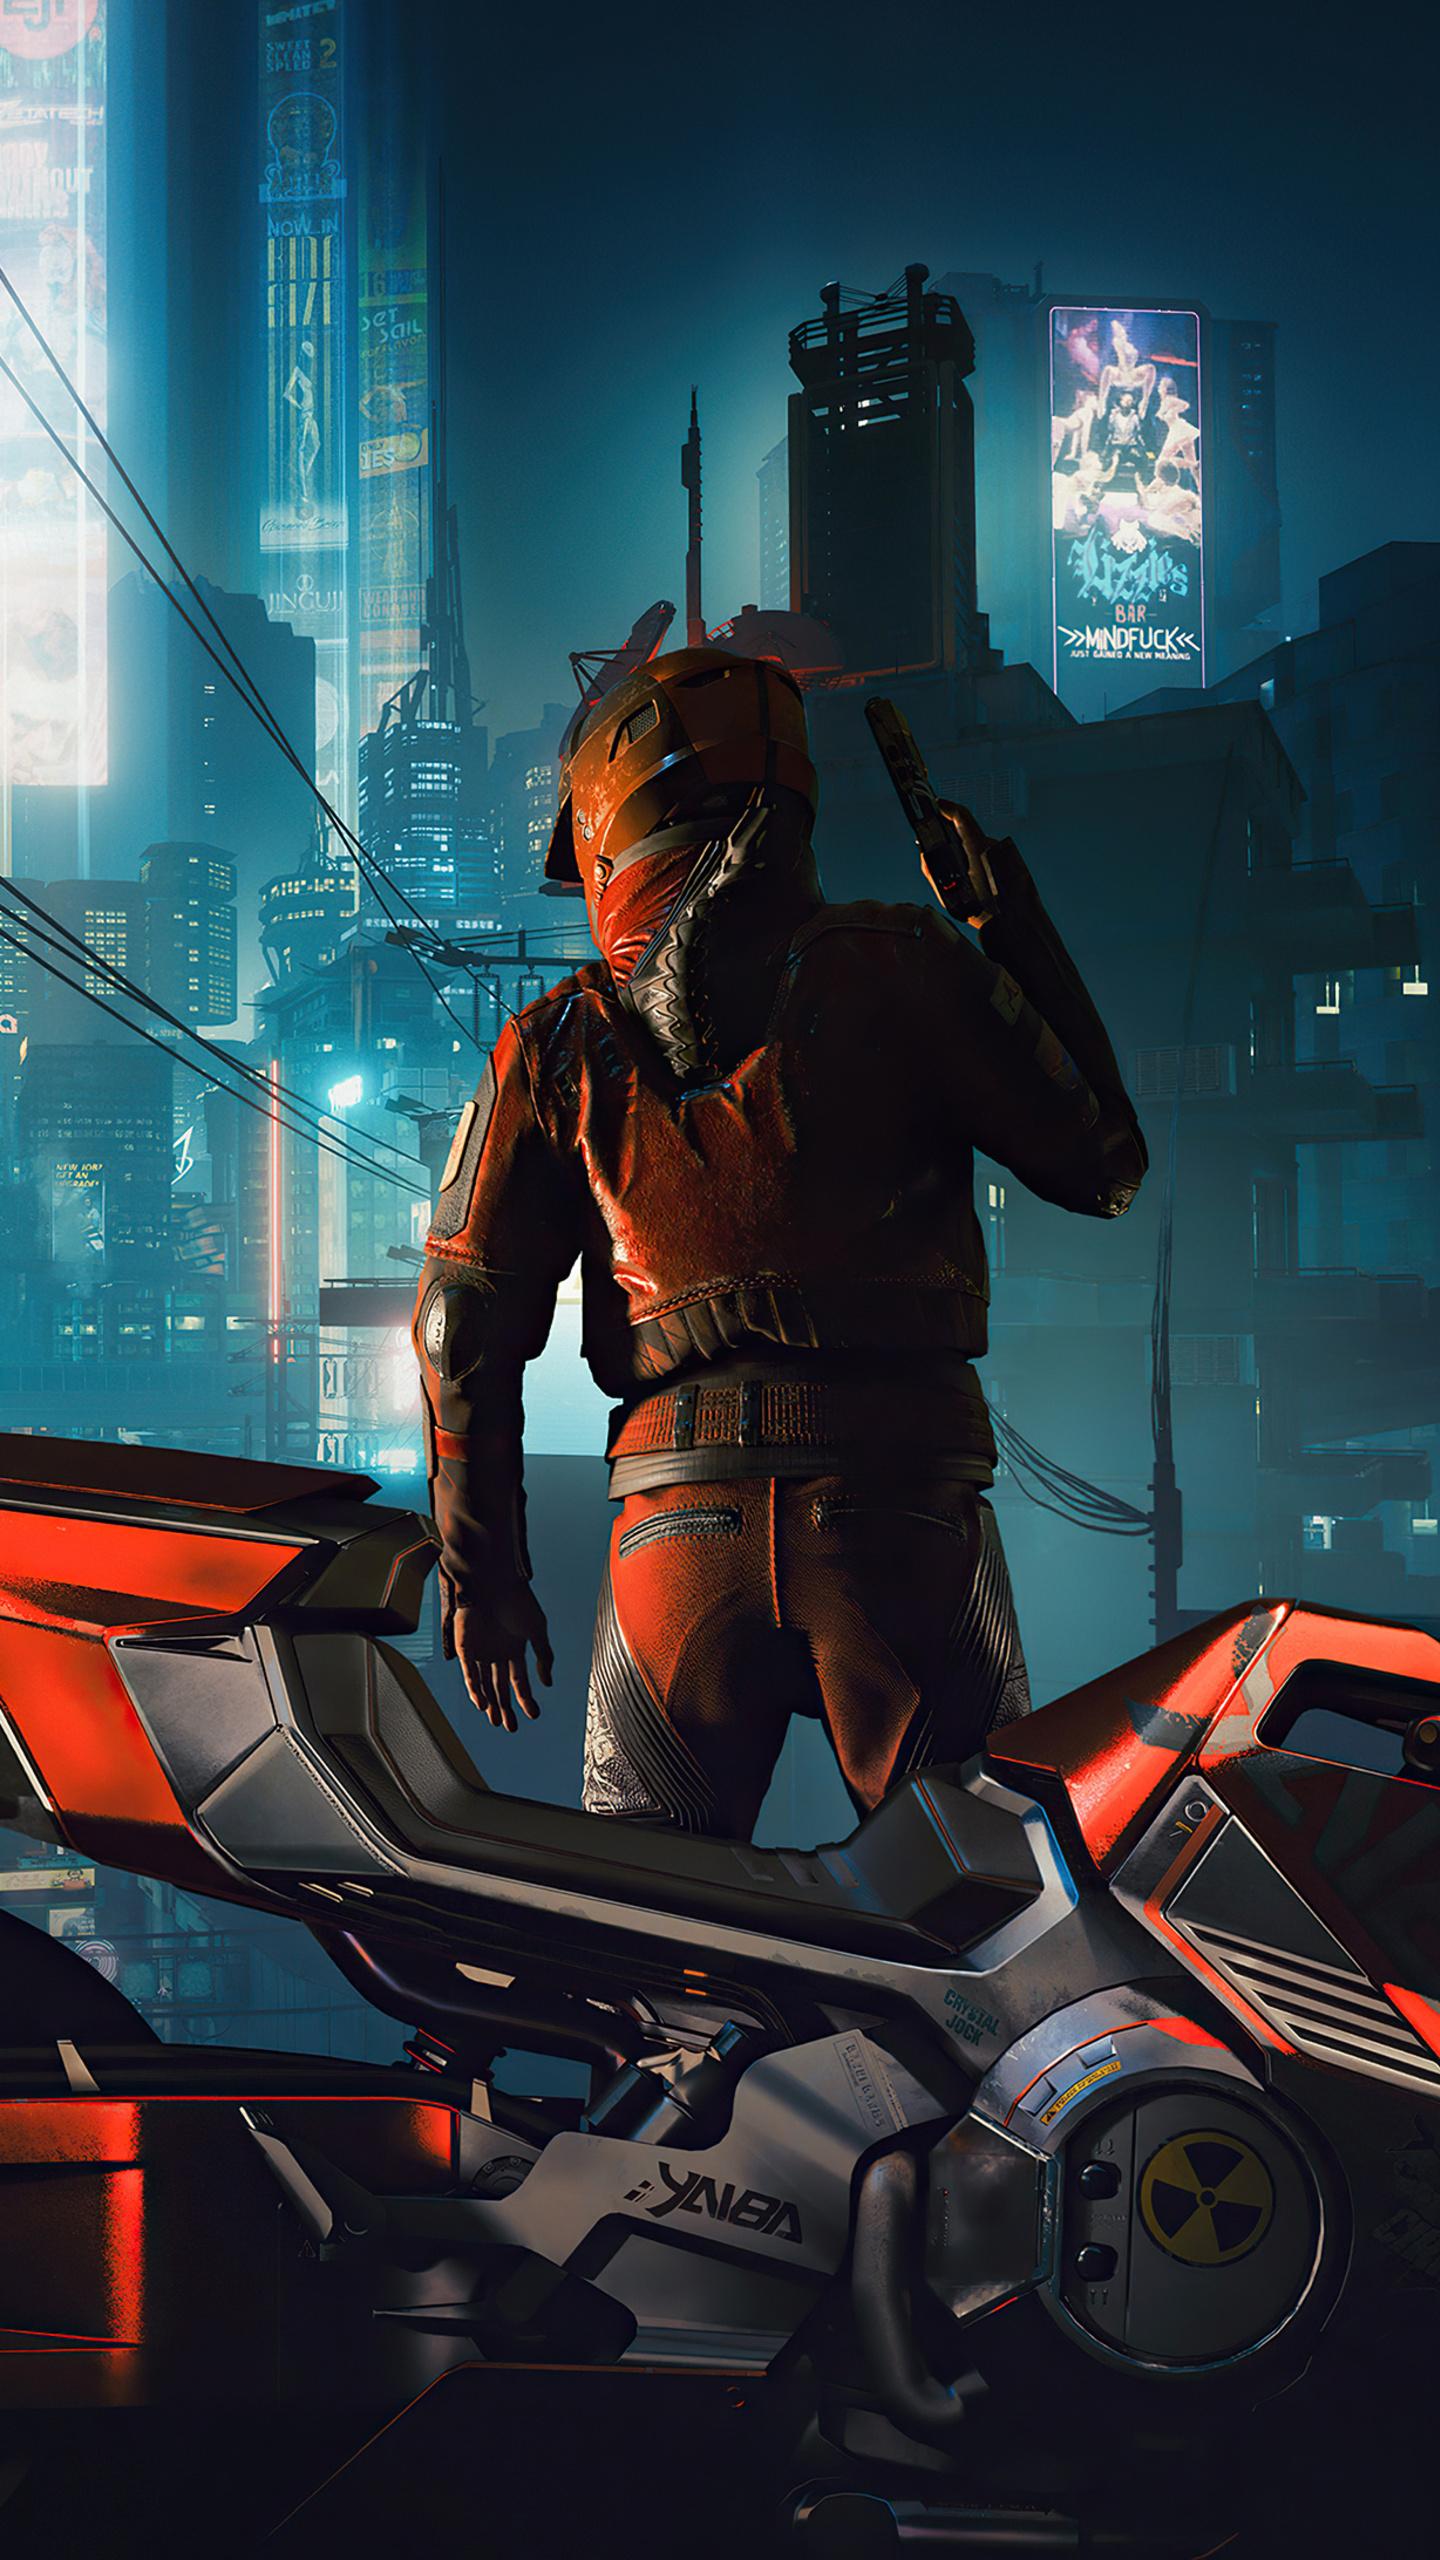 kusanagi-ct-3x-rider-in-cyberpunk-2077-jm.jpg